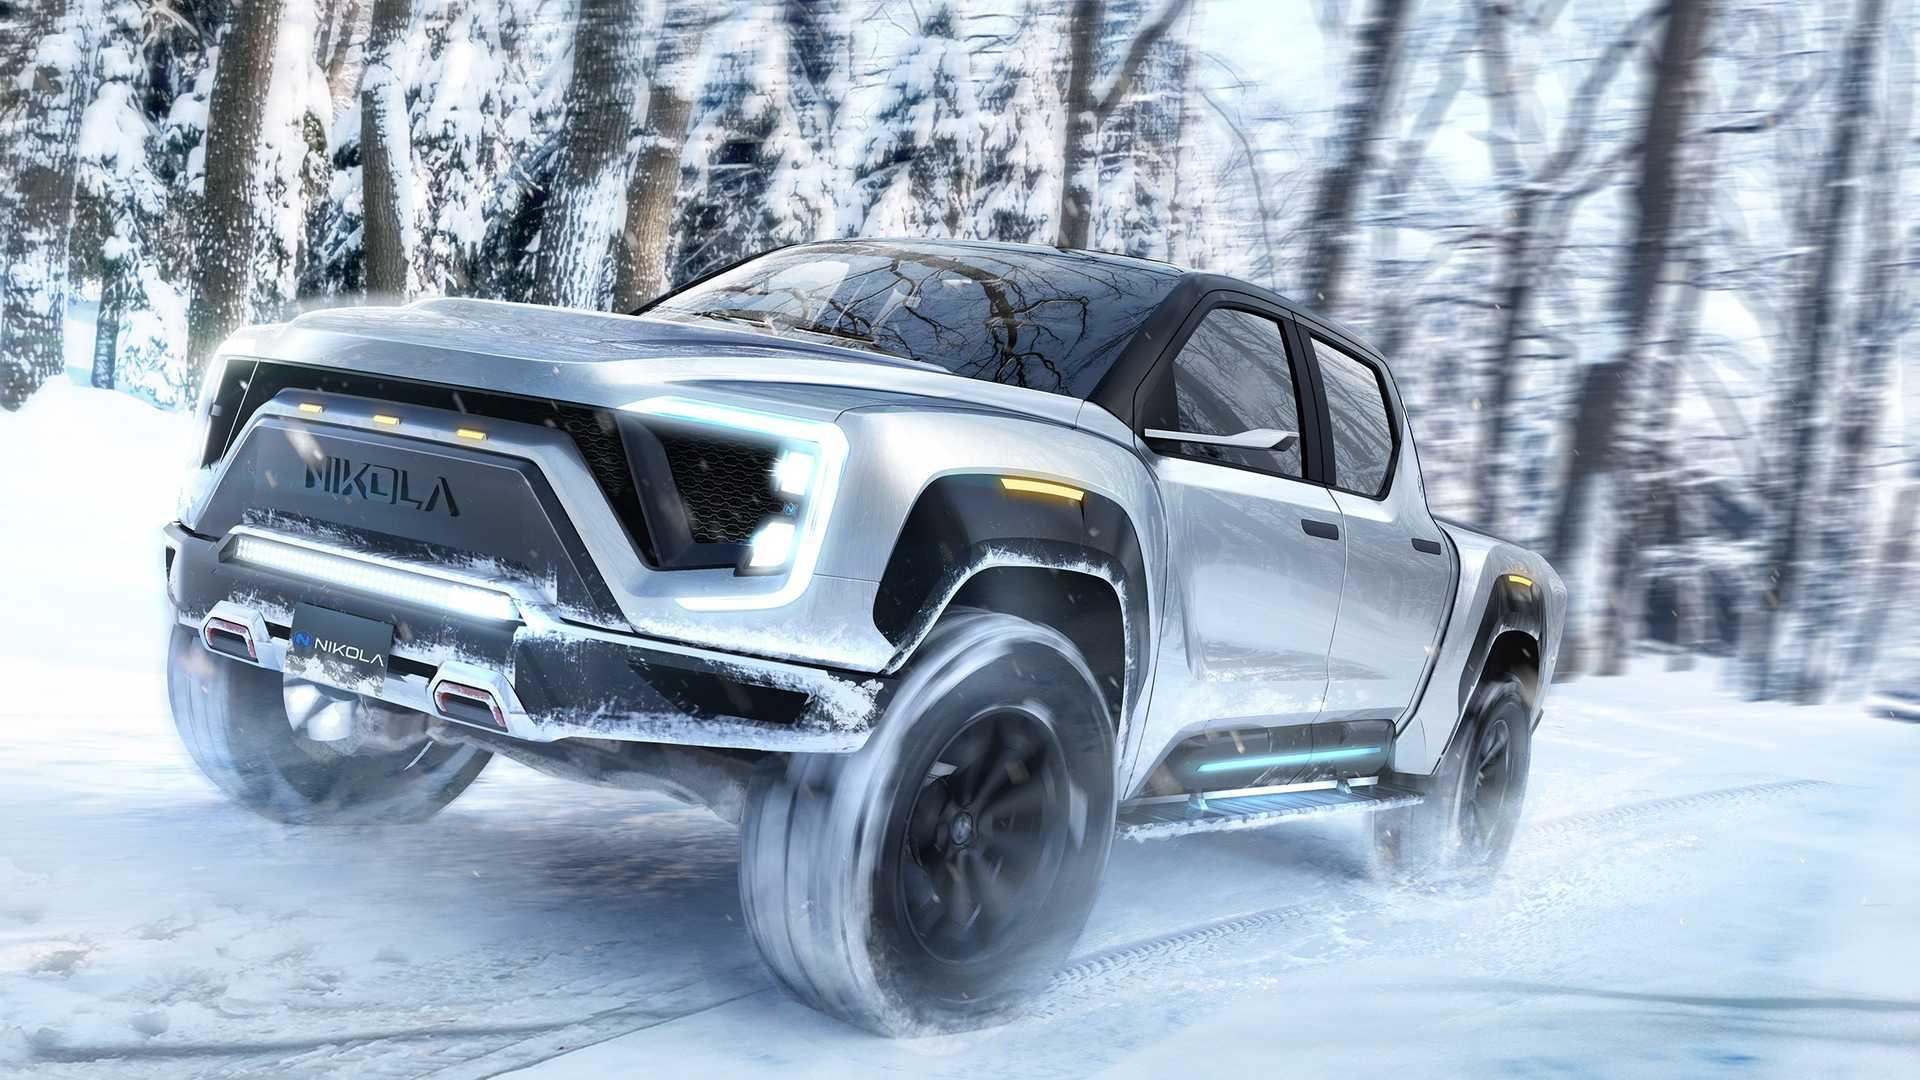 Η General Motors αγοράζει μερίδιο στη Nikola, η οποία κατασκευάζει ηλεκτρικά φορτηγά